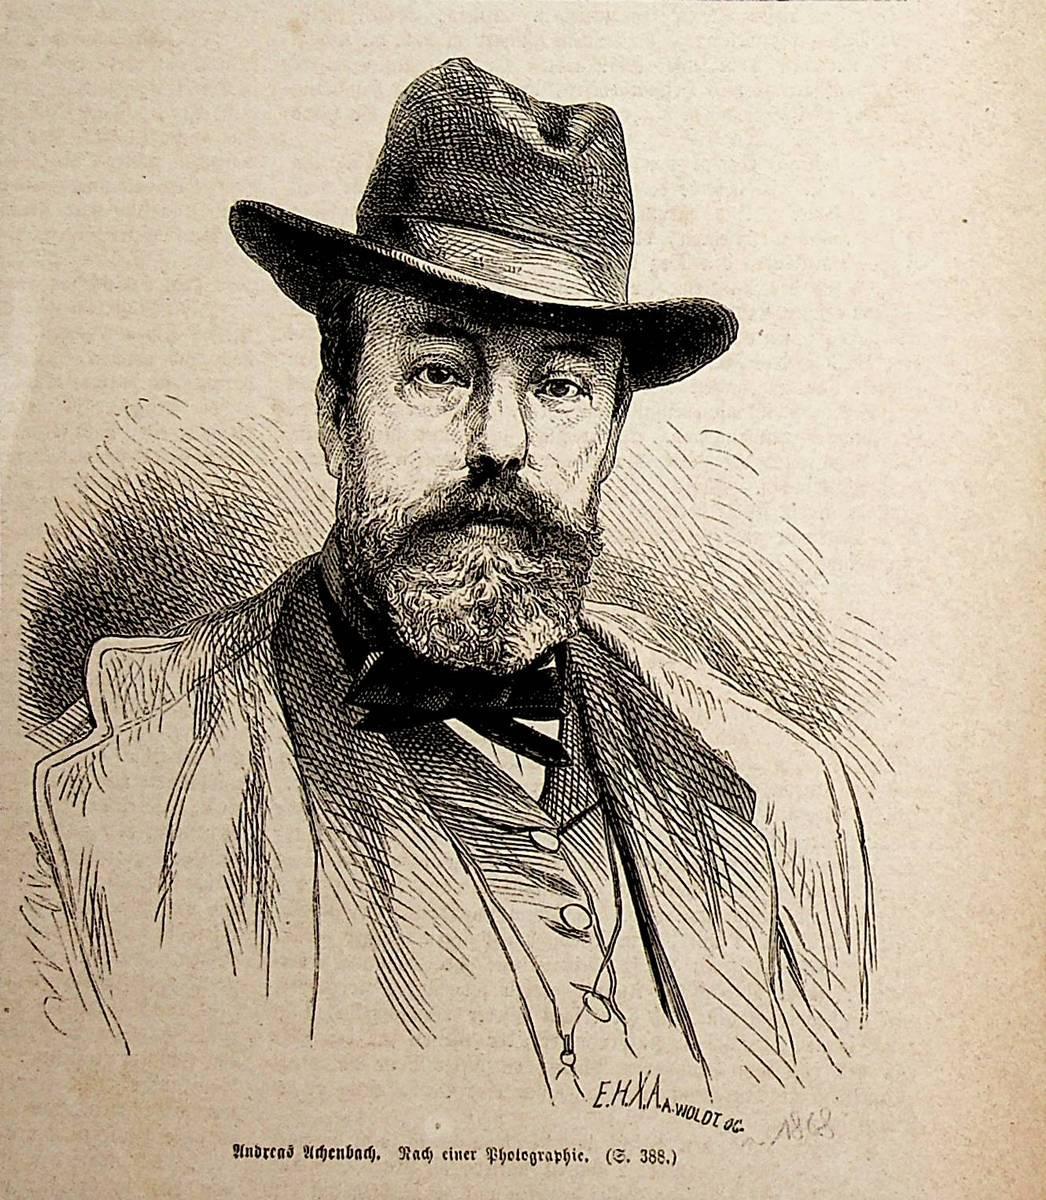 ACHENBACH, Andreas Achenbach (1815-1910), deutscher Maler